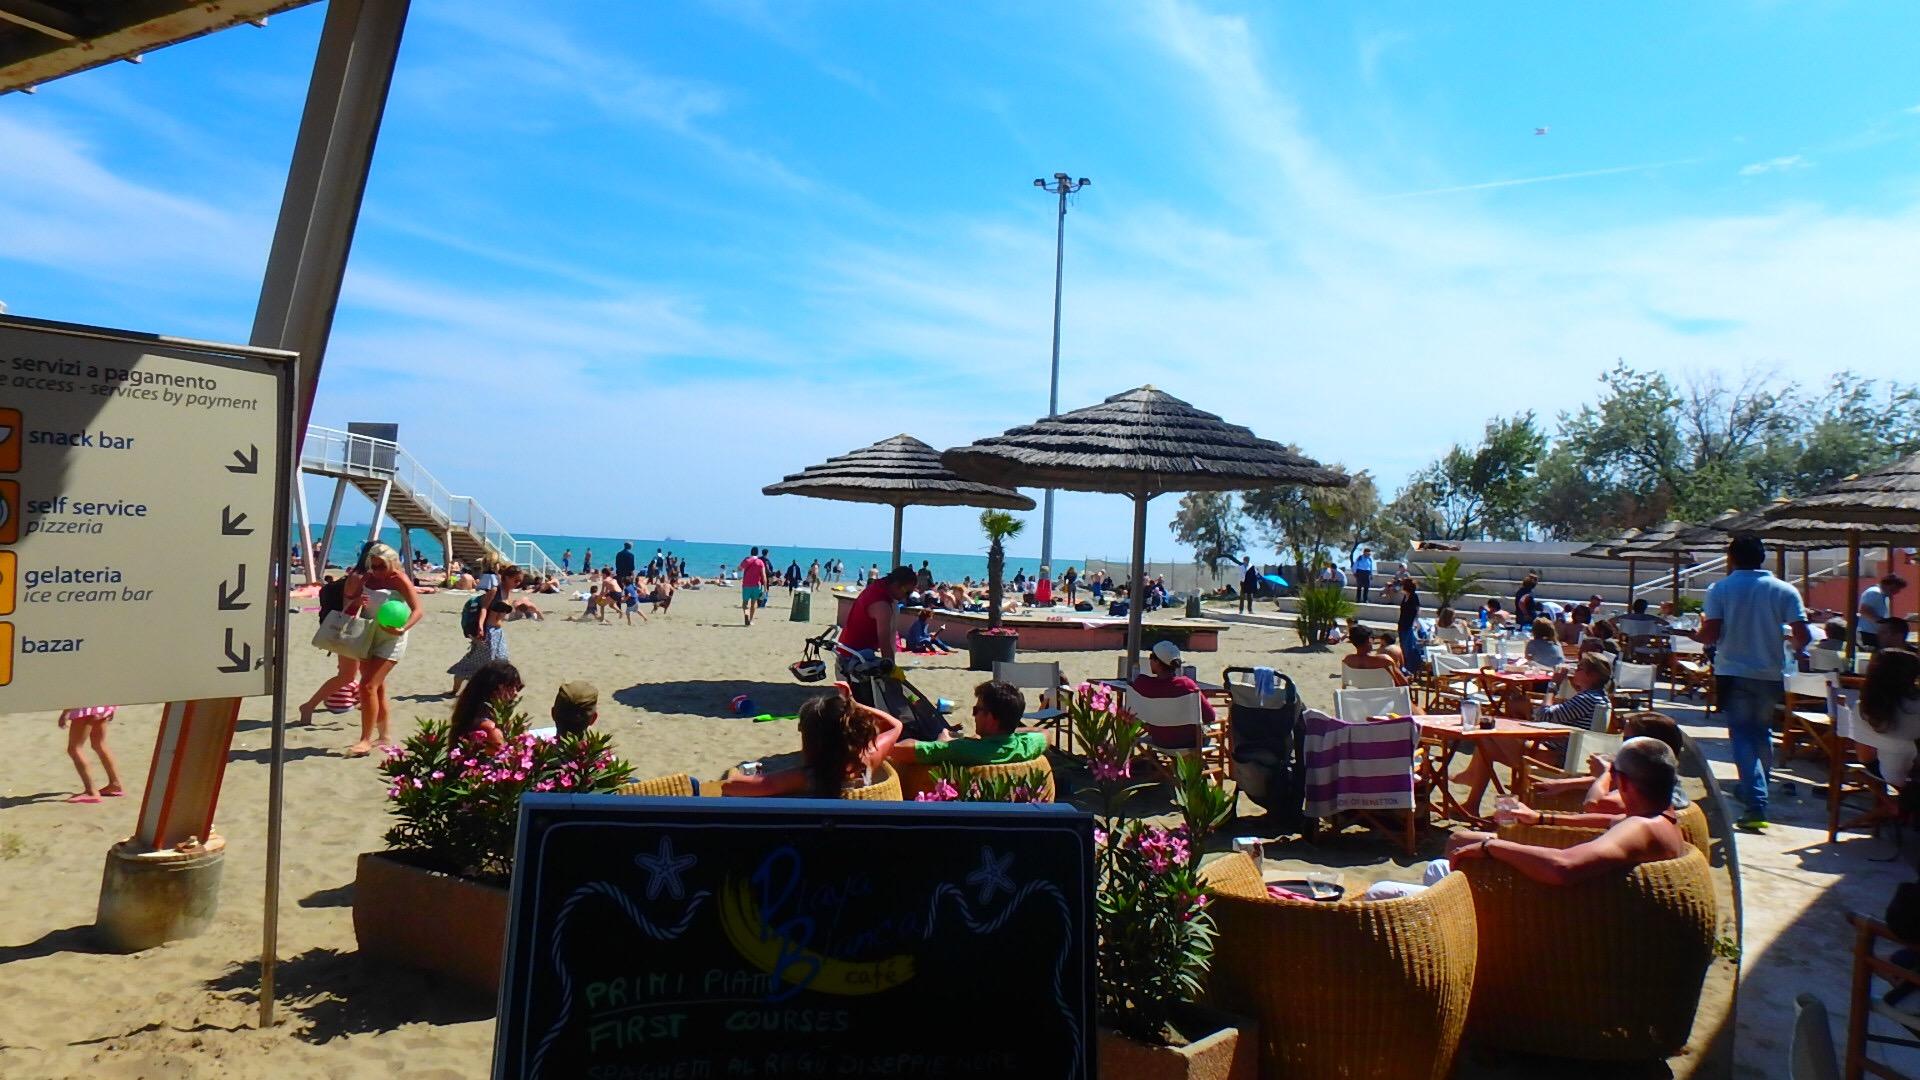 ベネチアの離島リド島のビーチにあるカフェのテラス席